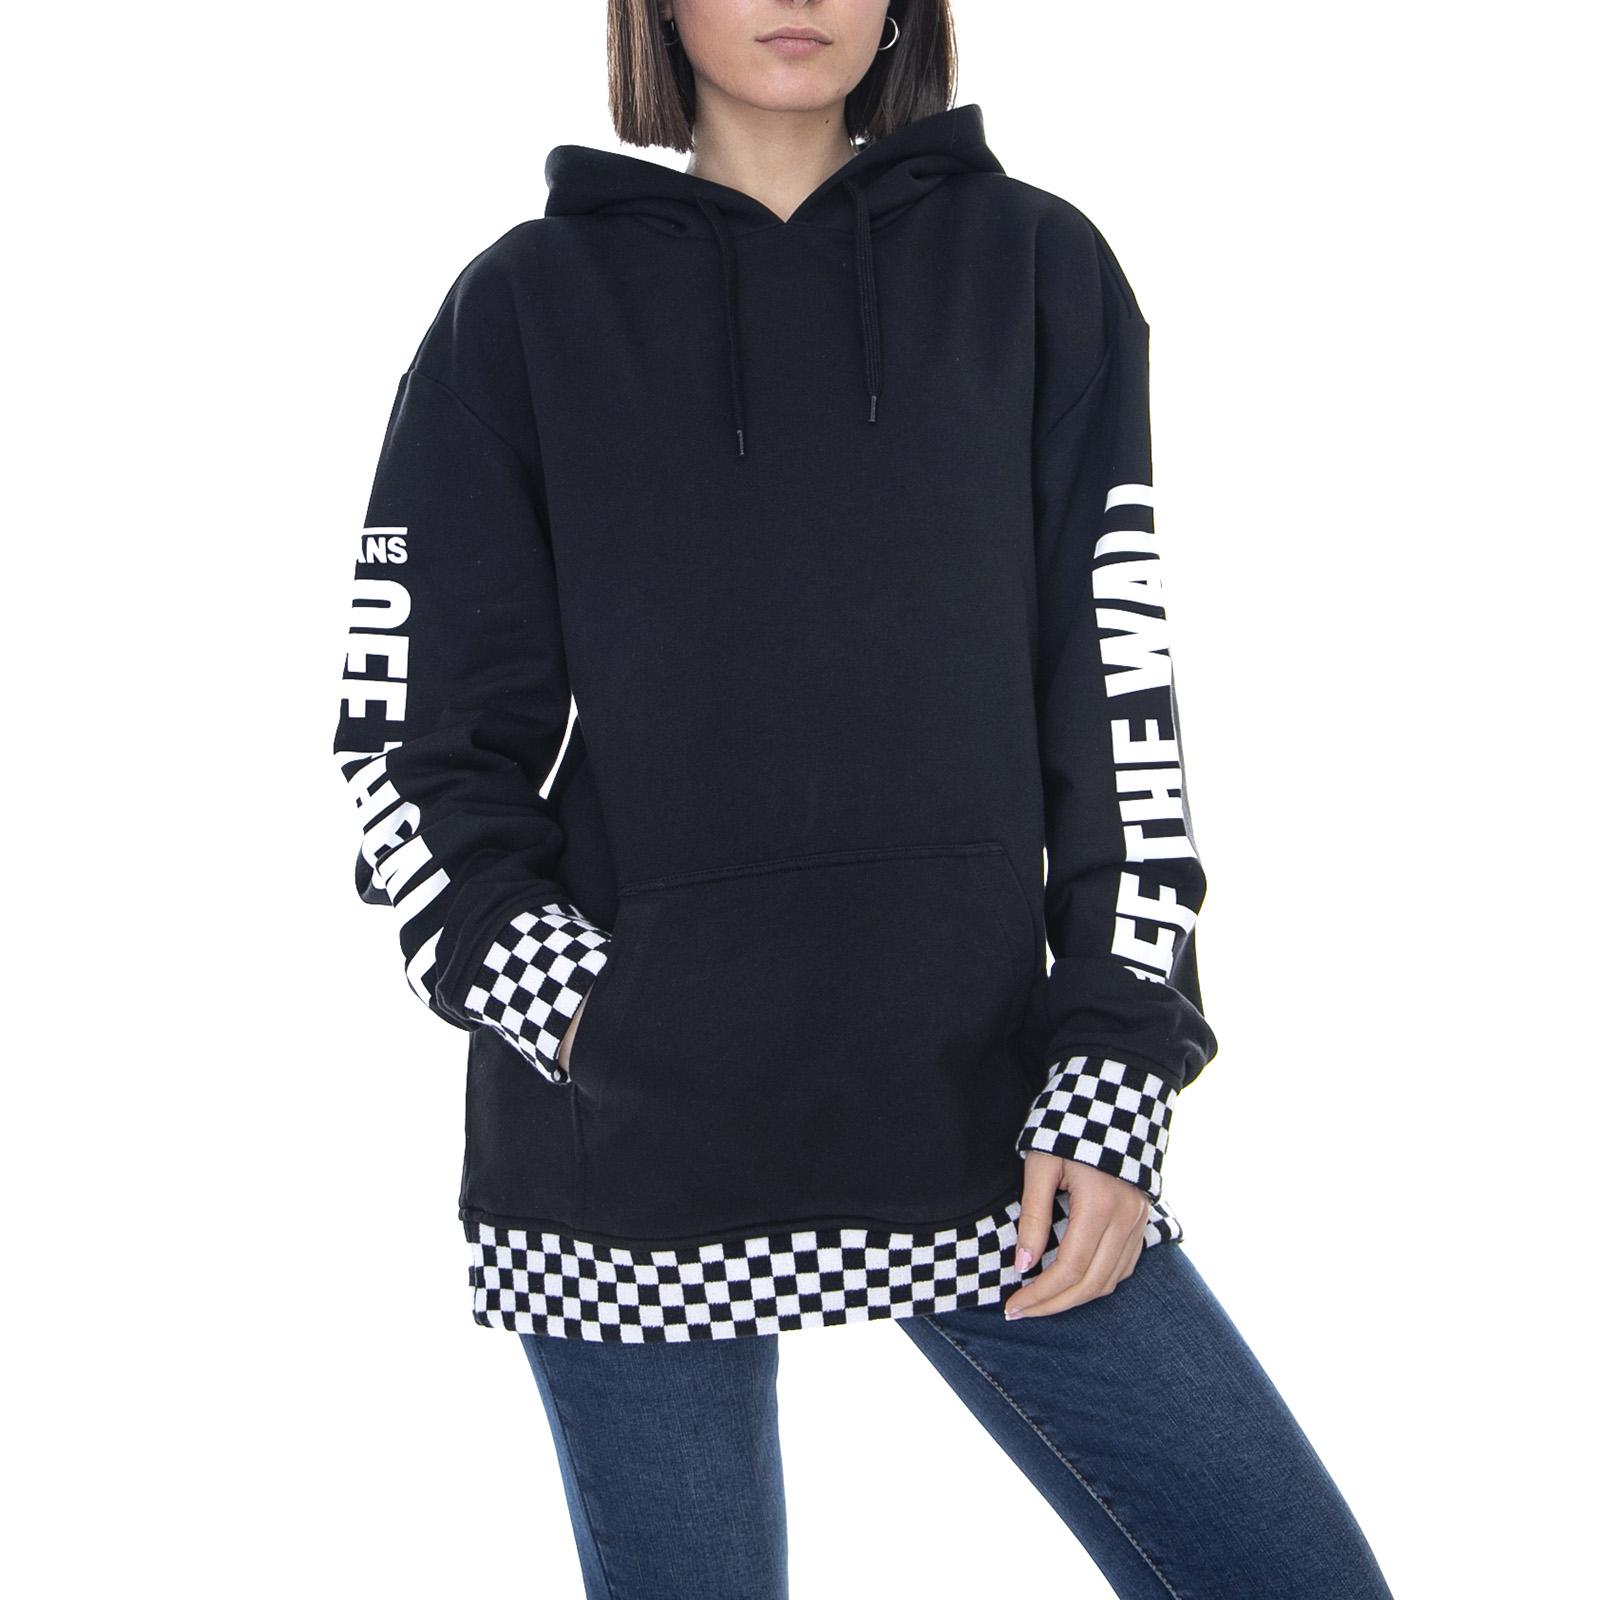 595f5acb Details about Vans WM Emea Central - Black - Hoodie Women Black